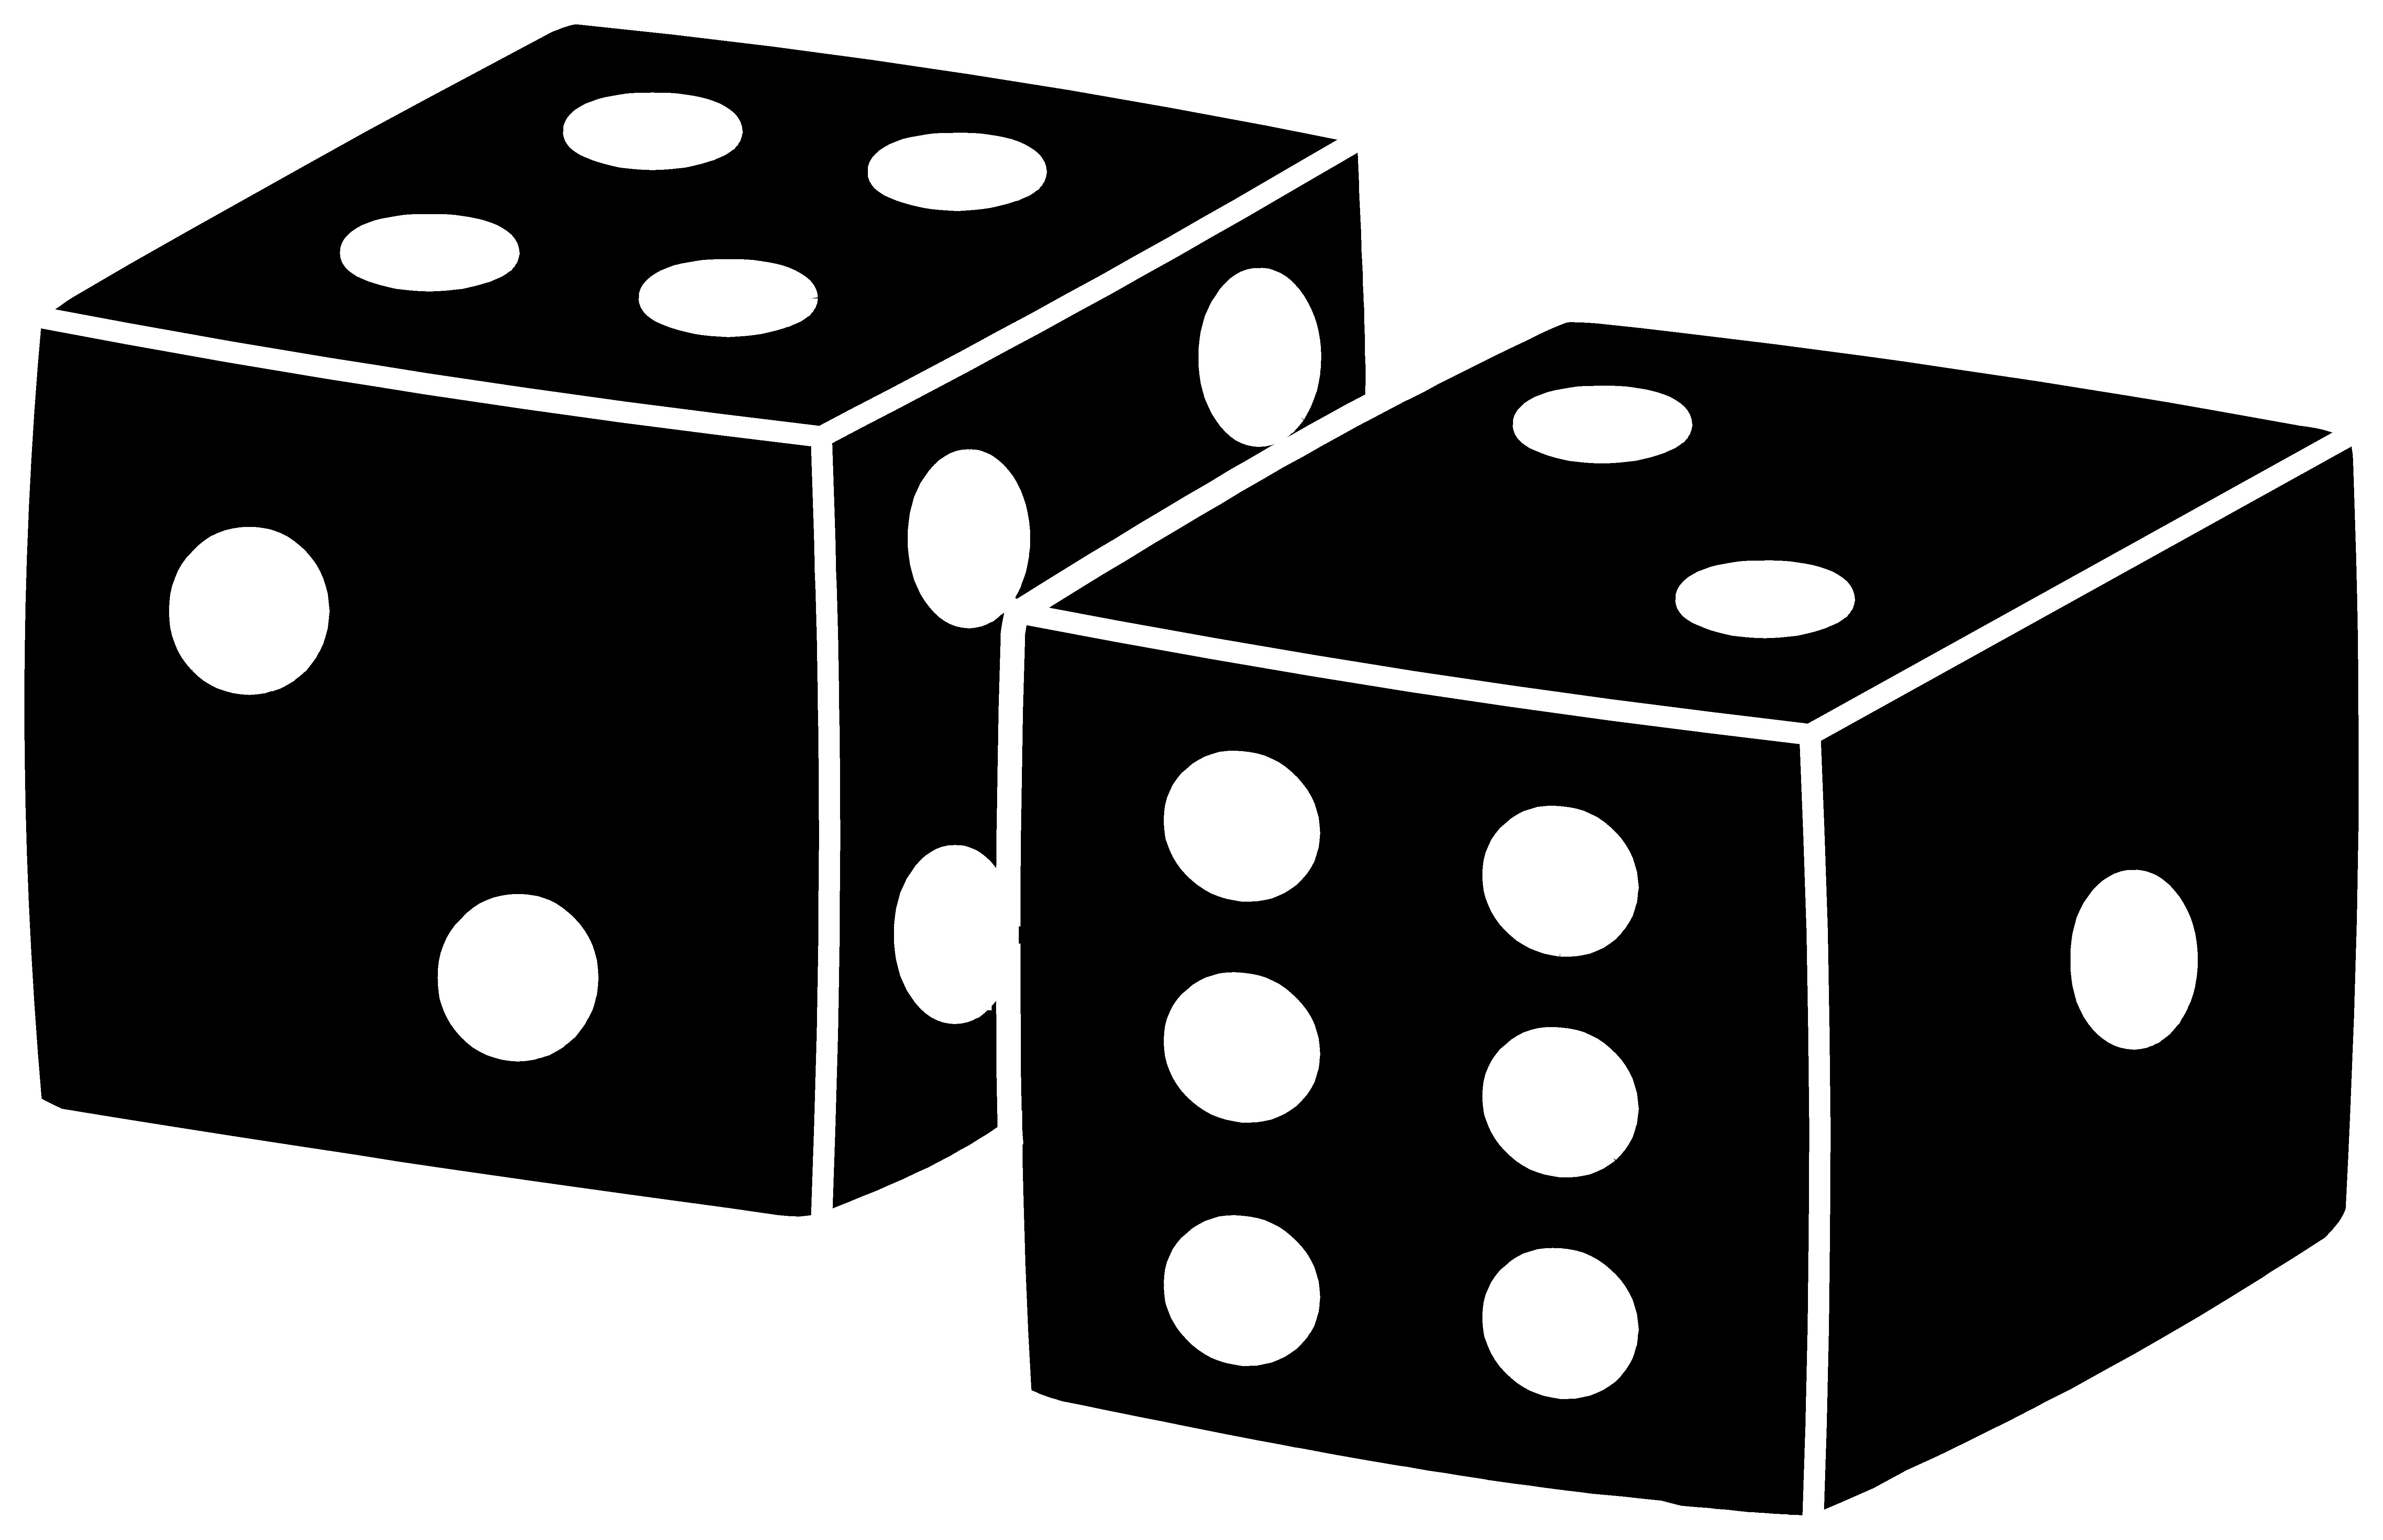 Black and white fototo. Square clipart dice